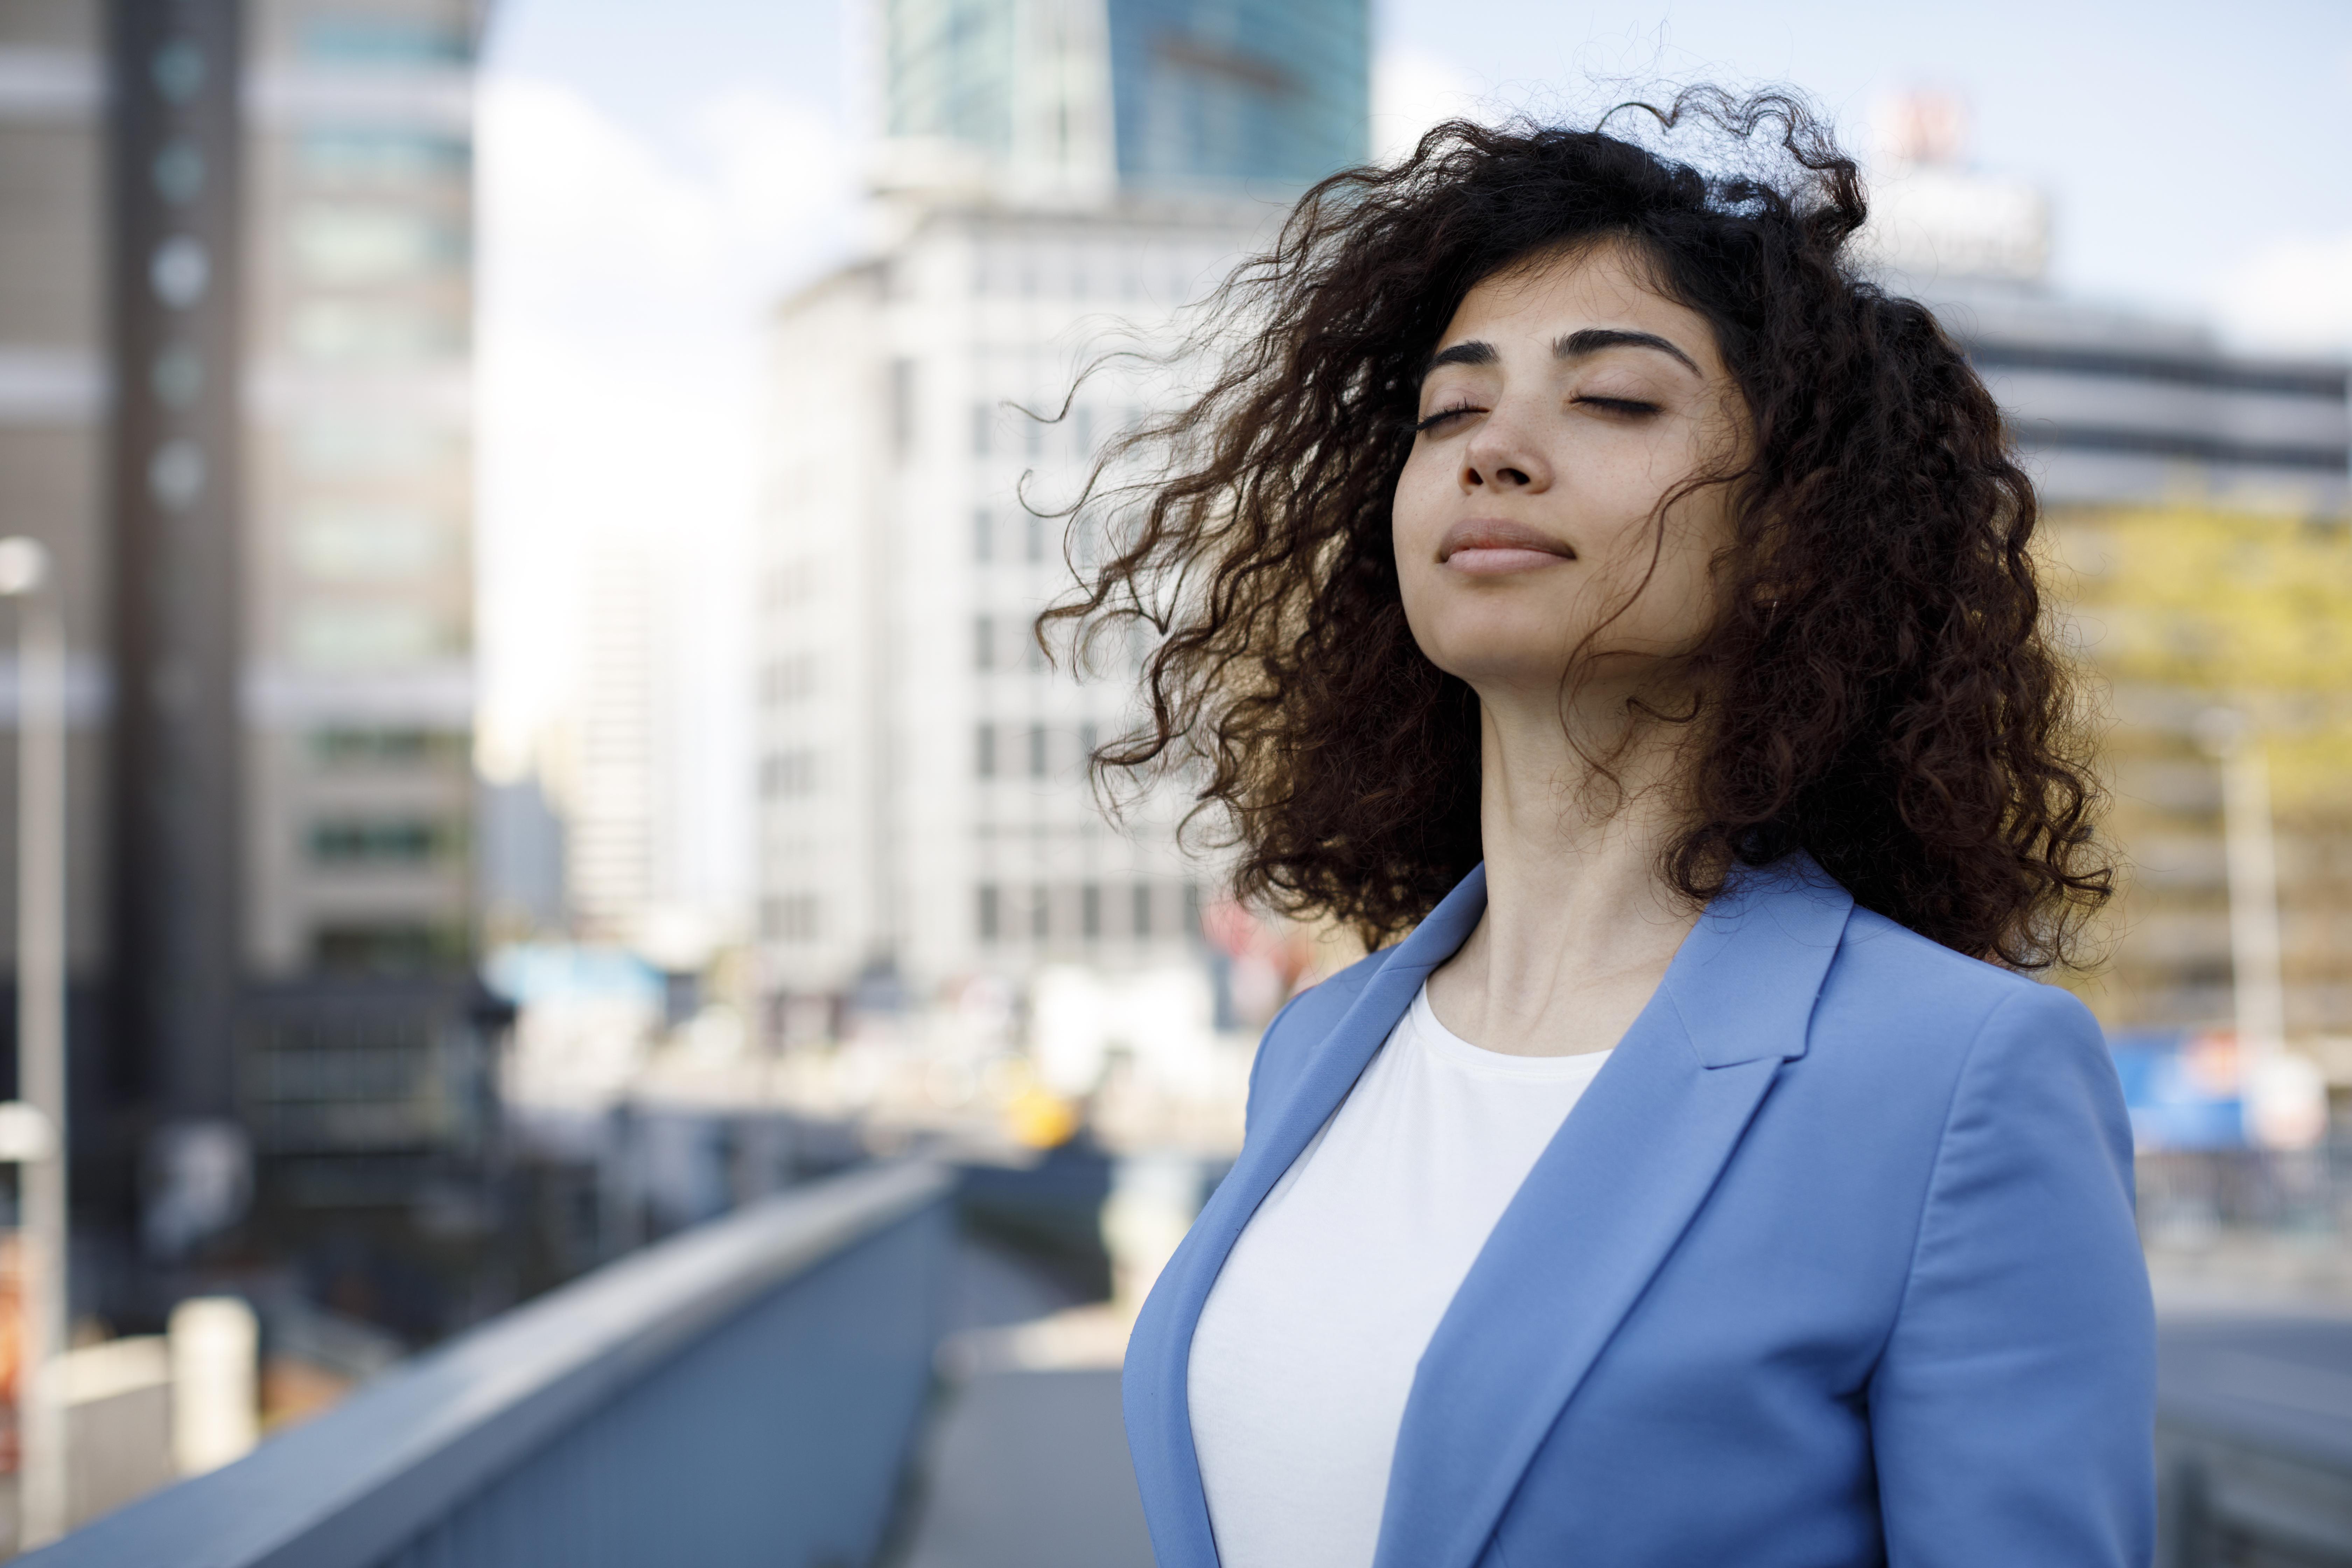 <p><strong>4. Правете това което обичате, обичайте това което правите</strong></p>  <p>Работата е значително голям аспект от живота ви, на който посвещавате себе си. Ако не сте щастливи в работата си, това нещастие ще проникне в други аспекти на живота ви.&nbsp;Най-важното -&nbsp;инвестирайте в себе си.Това важи и за вашия личен живот. Какви навици и от кави хобита искате да се откажете? Кои от тях искате да развиете? Важно е да сте наясно с типа хора и дейности, с които искате да сте заобиколени. Вие сте единственият човек, който може да си наложи да живее всеки ден, правейки това, което обича.</p>